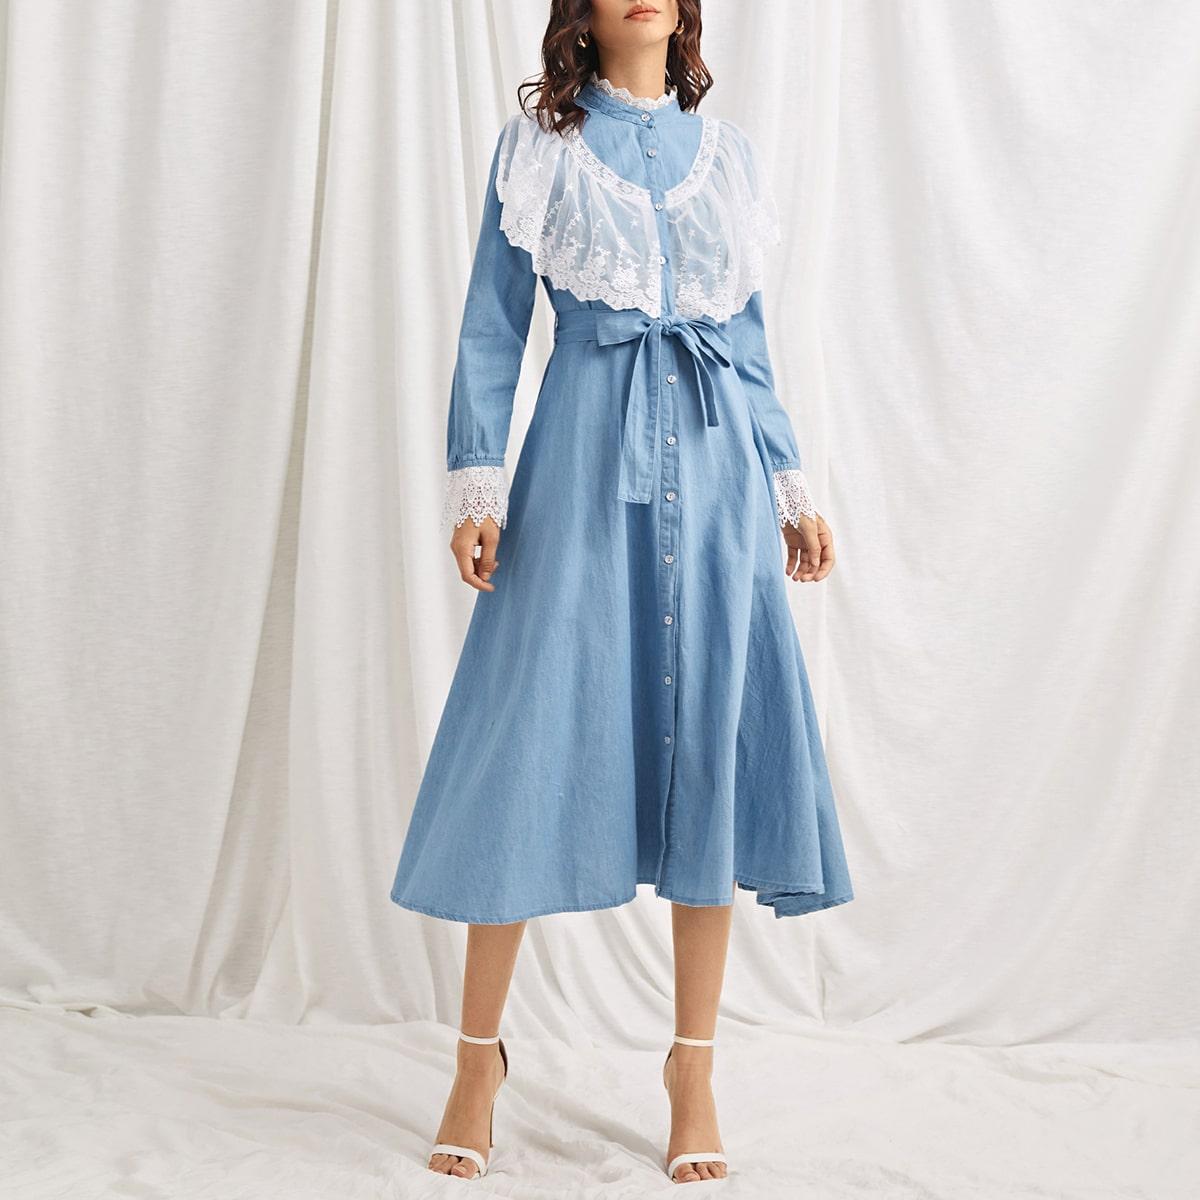 shein Casual Bloemen Denim jurk Borduurwerk